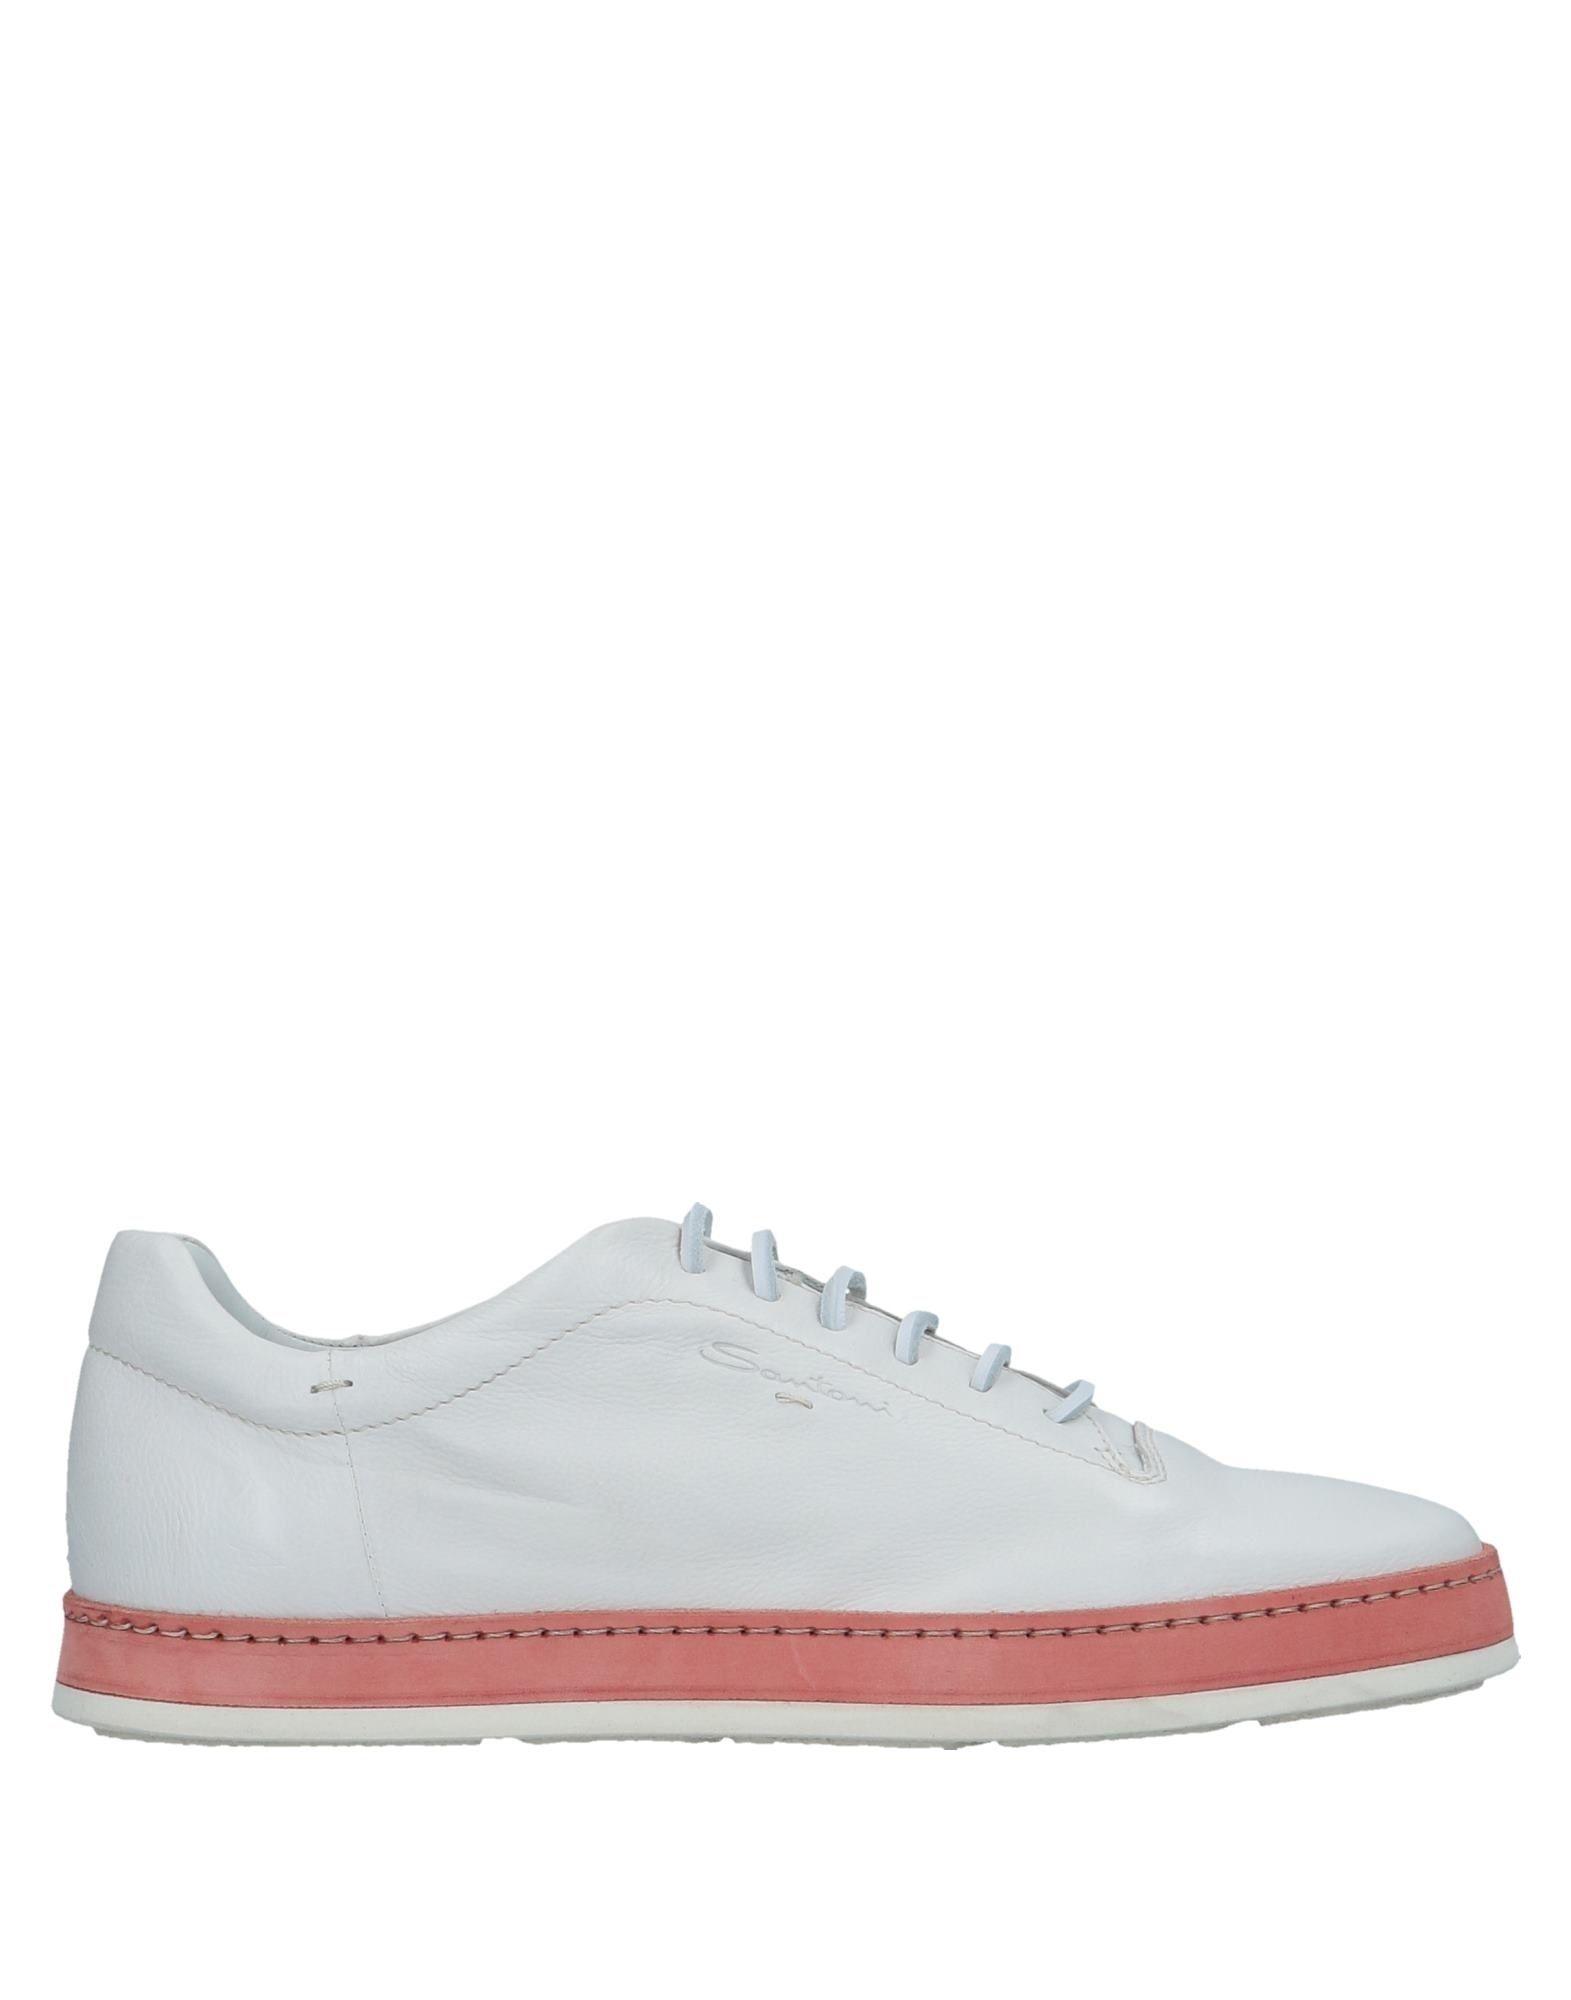 Moda Sneakers Santoni Uomo - 11541293FP